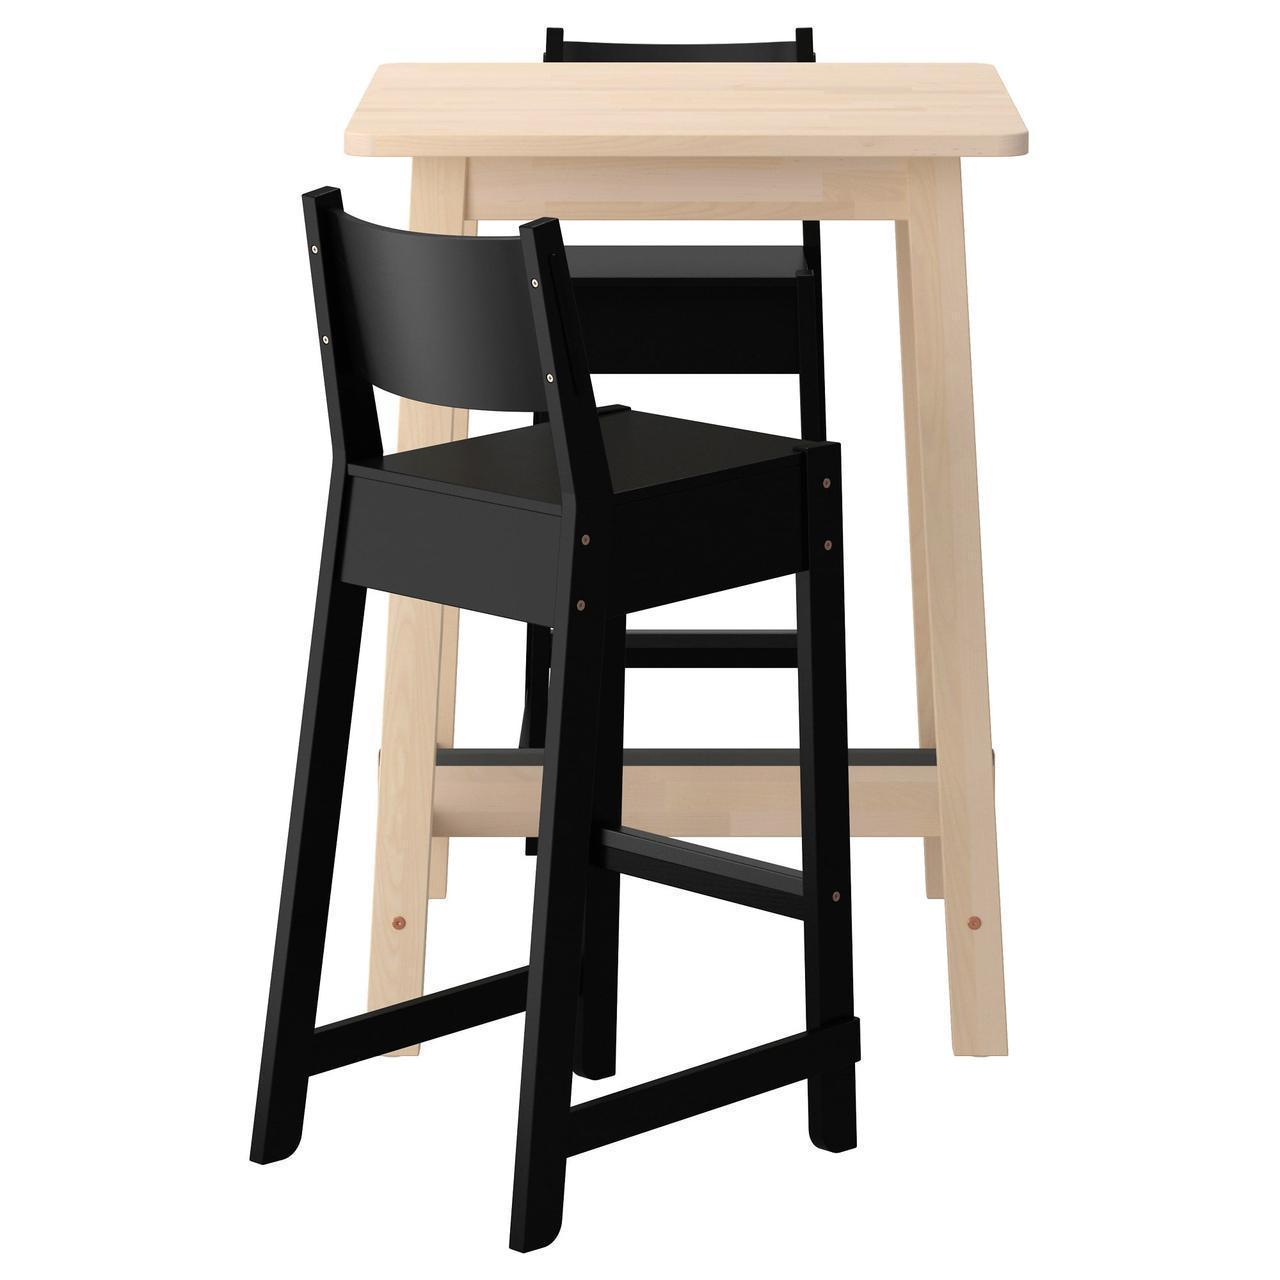 Комплект для кухни (стол и 2 стула) IKEA NORRÅKER / NORRÅKER 74 см береза черный 192.249.91